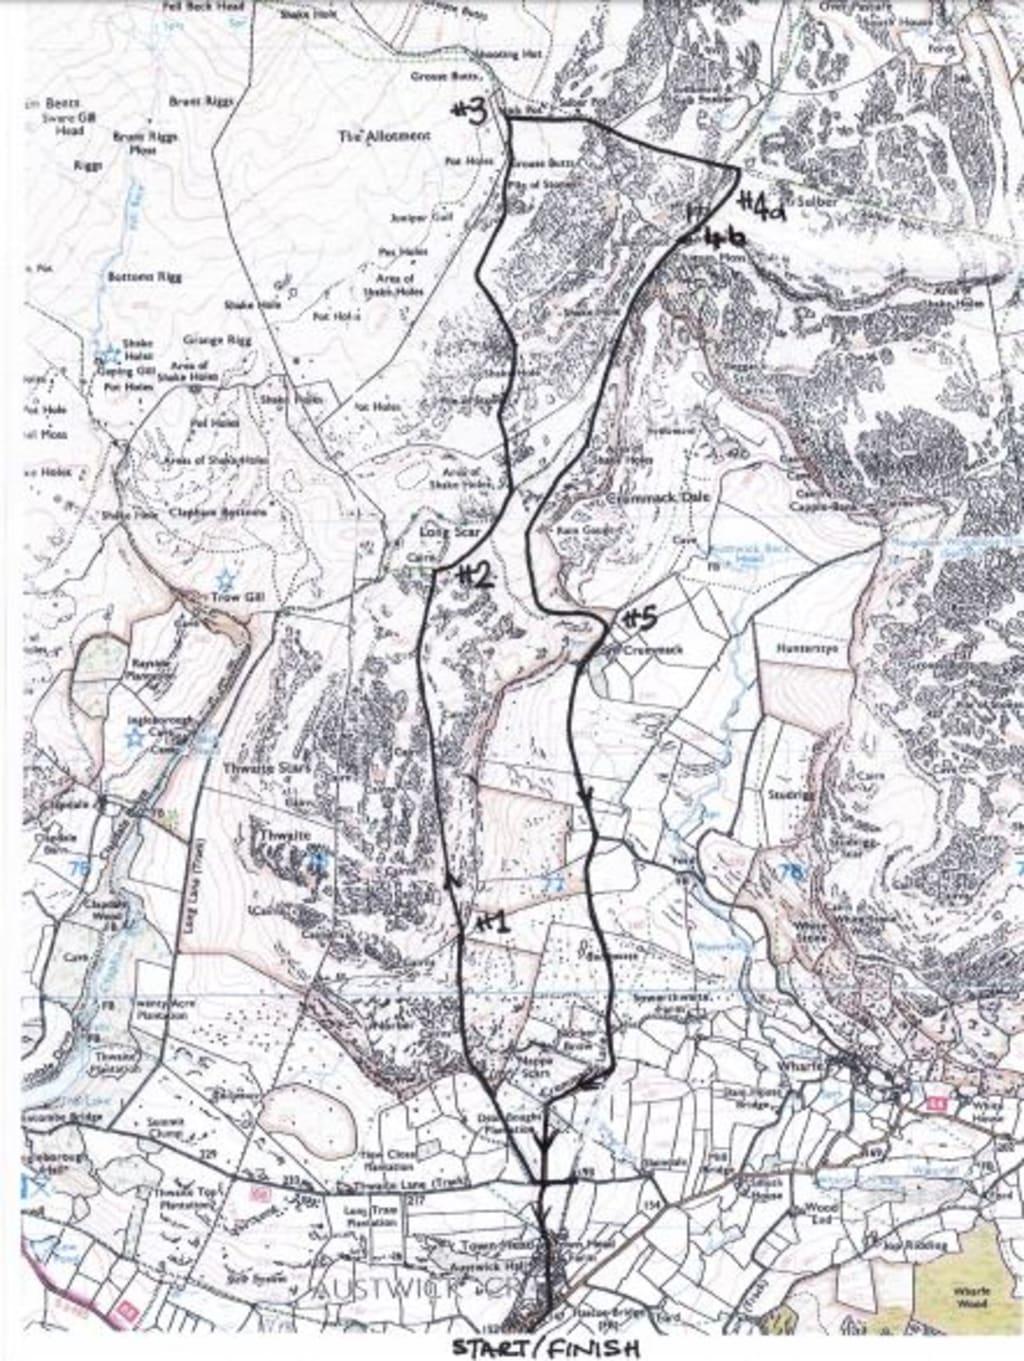 Austwick-Amble-Map.jpg